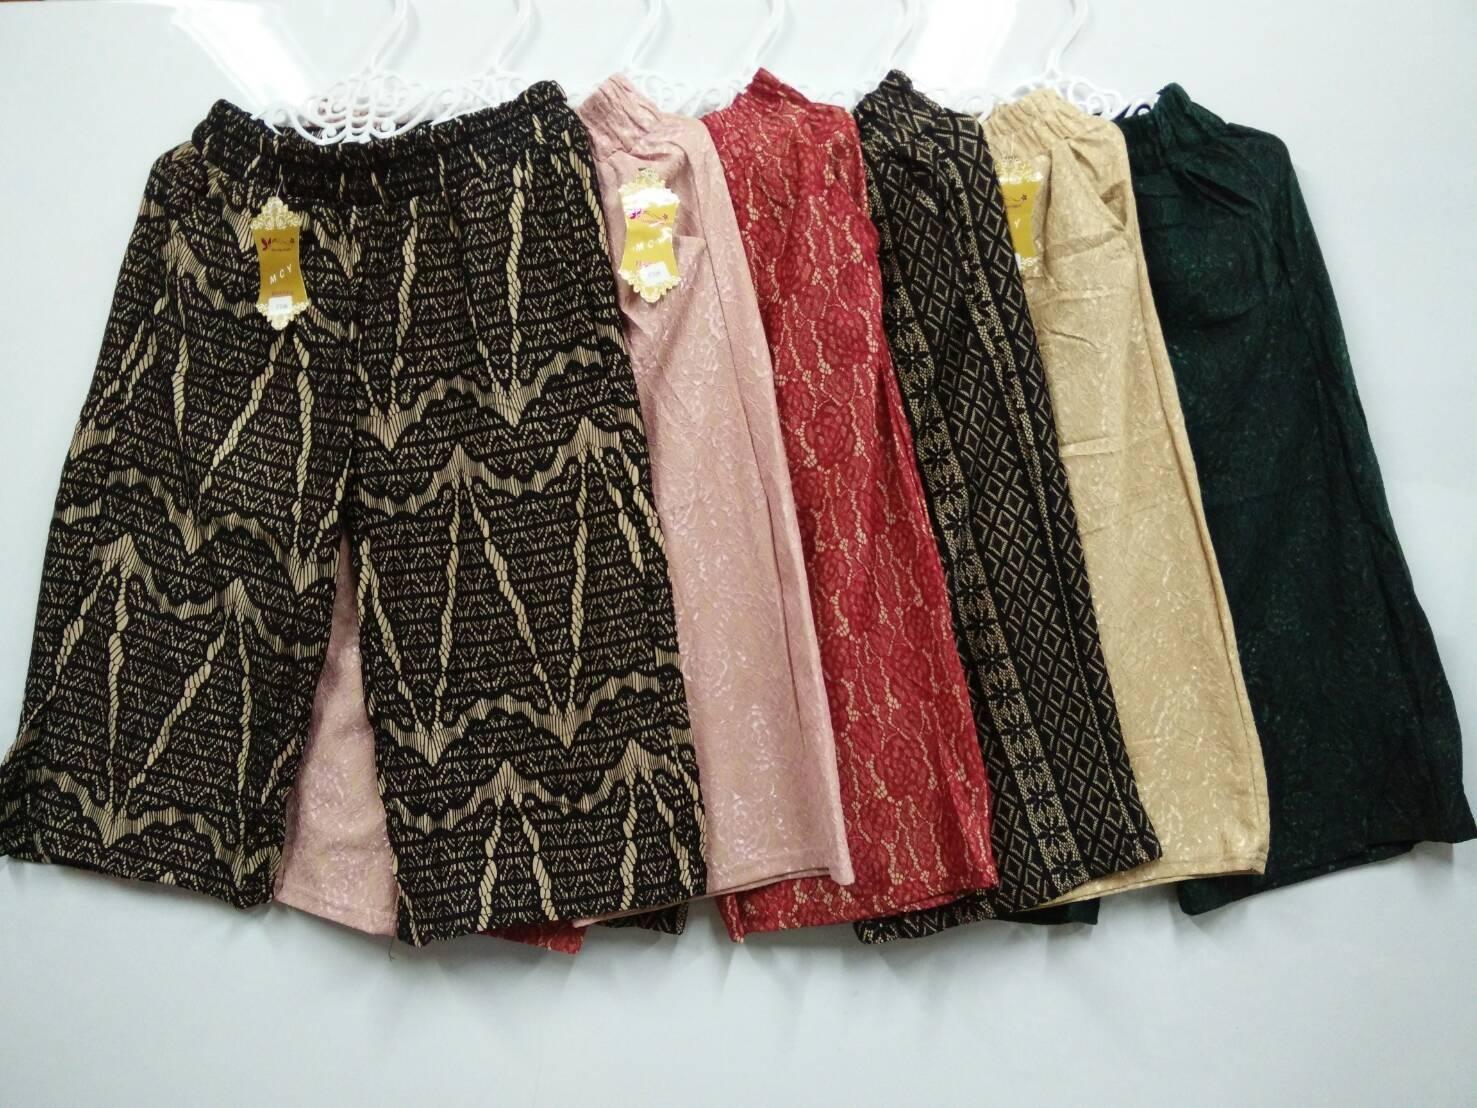 กางเกงผ้าลูกไม้ ราคาส่งตัวละ65บาท